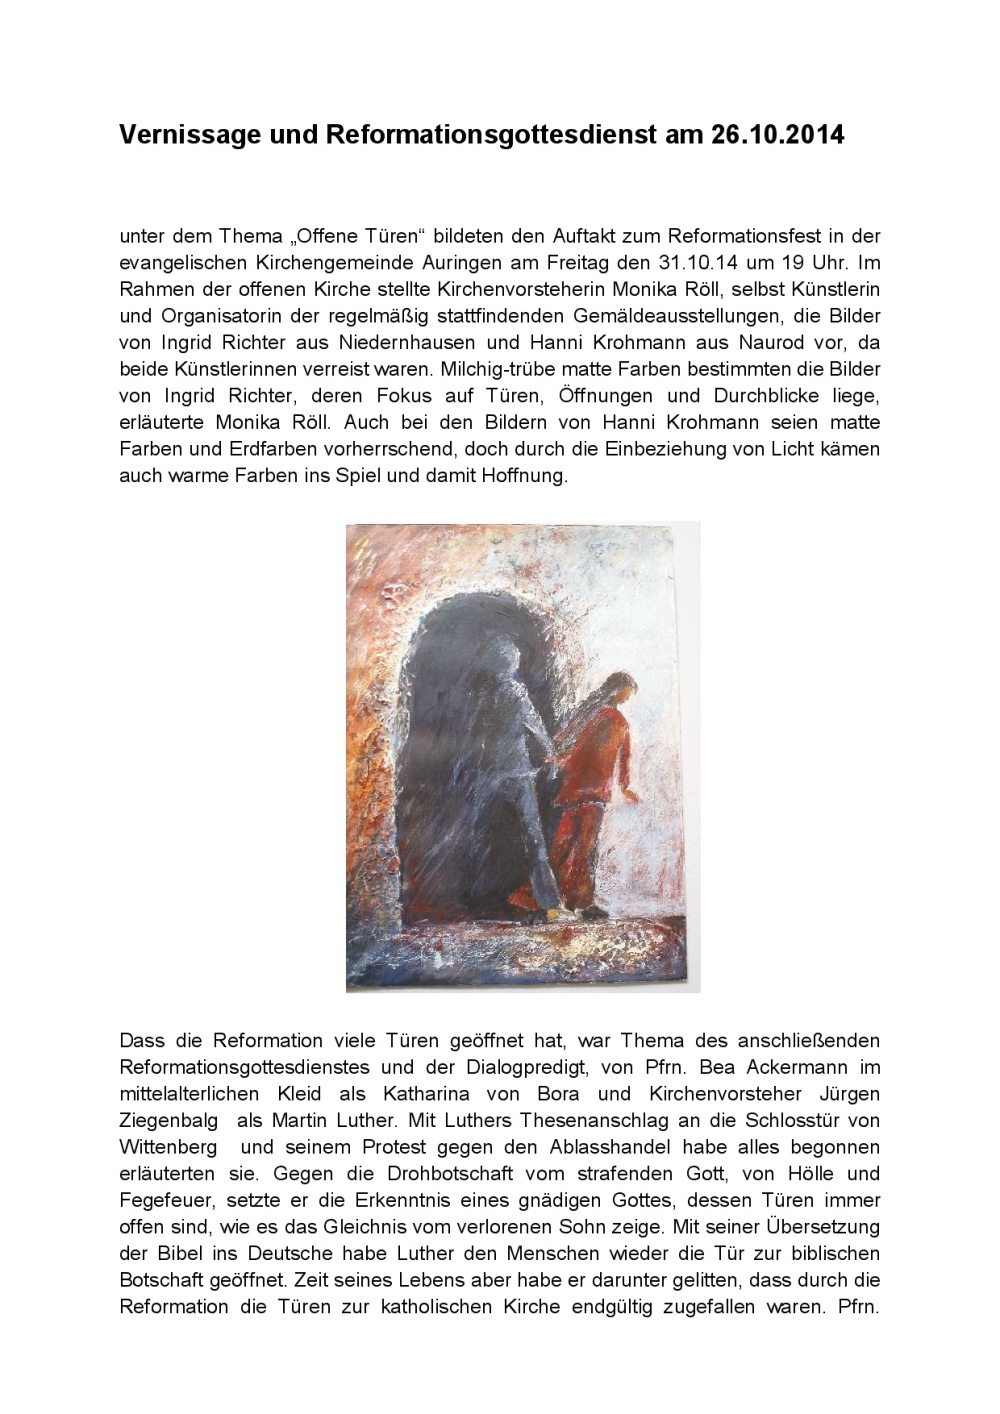 31- Vernissage und Reform.godi 26.10.14-001